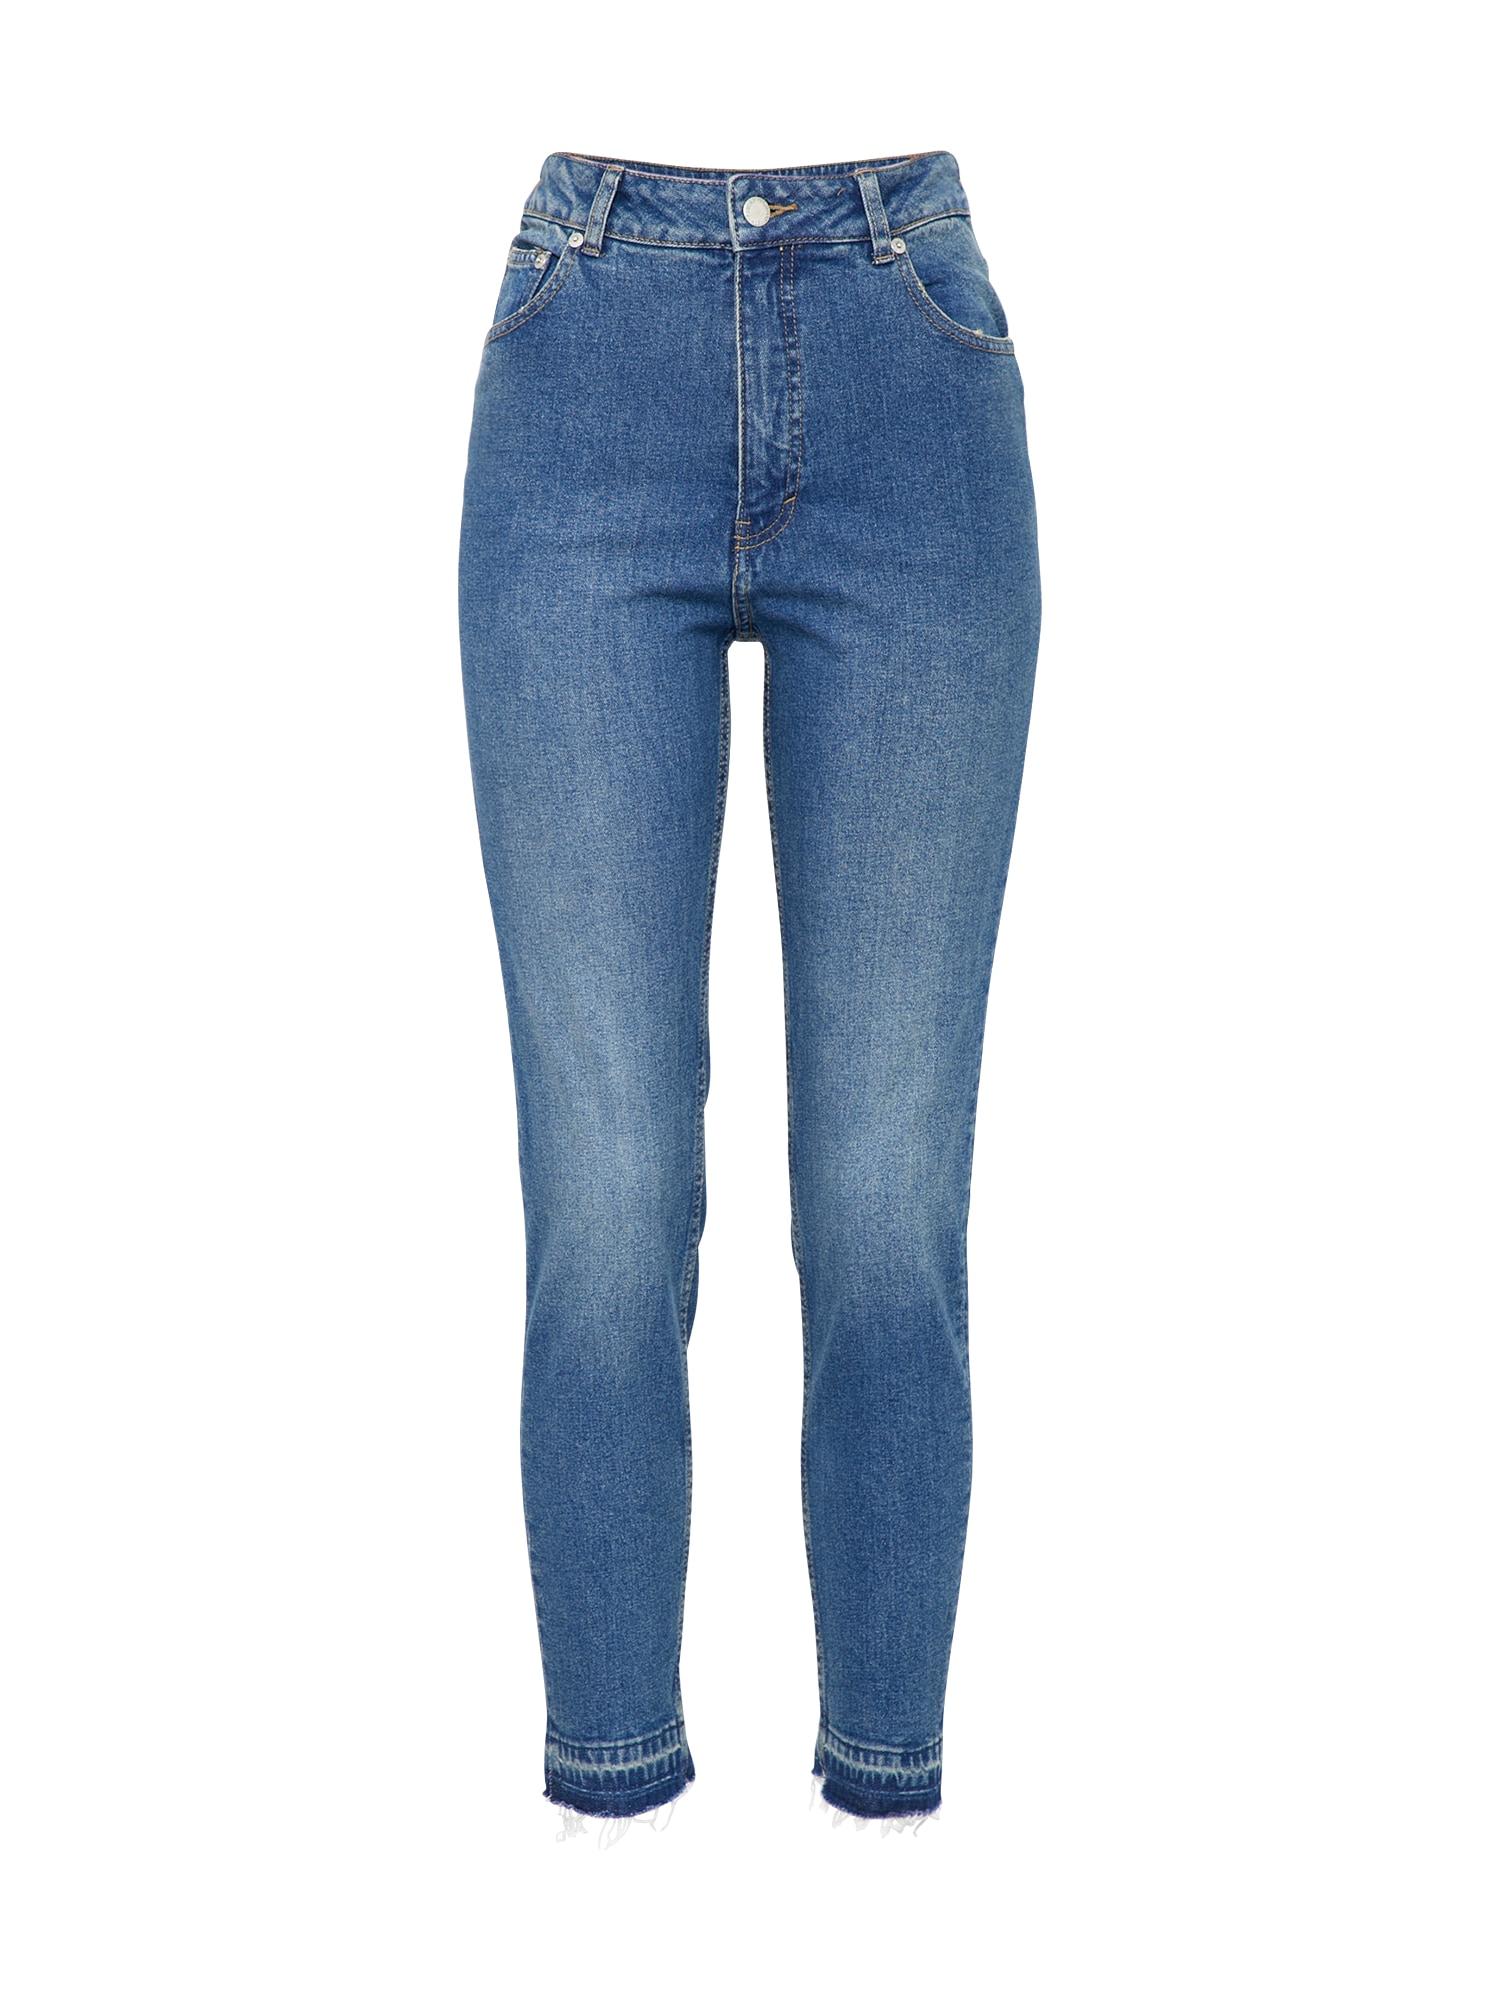 CHEAP MONDAY Dames Jeans Donna blue denim